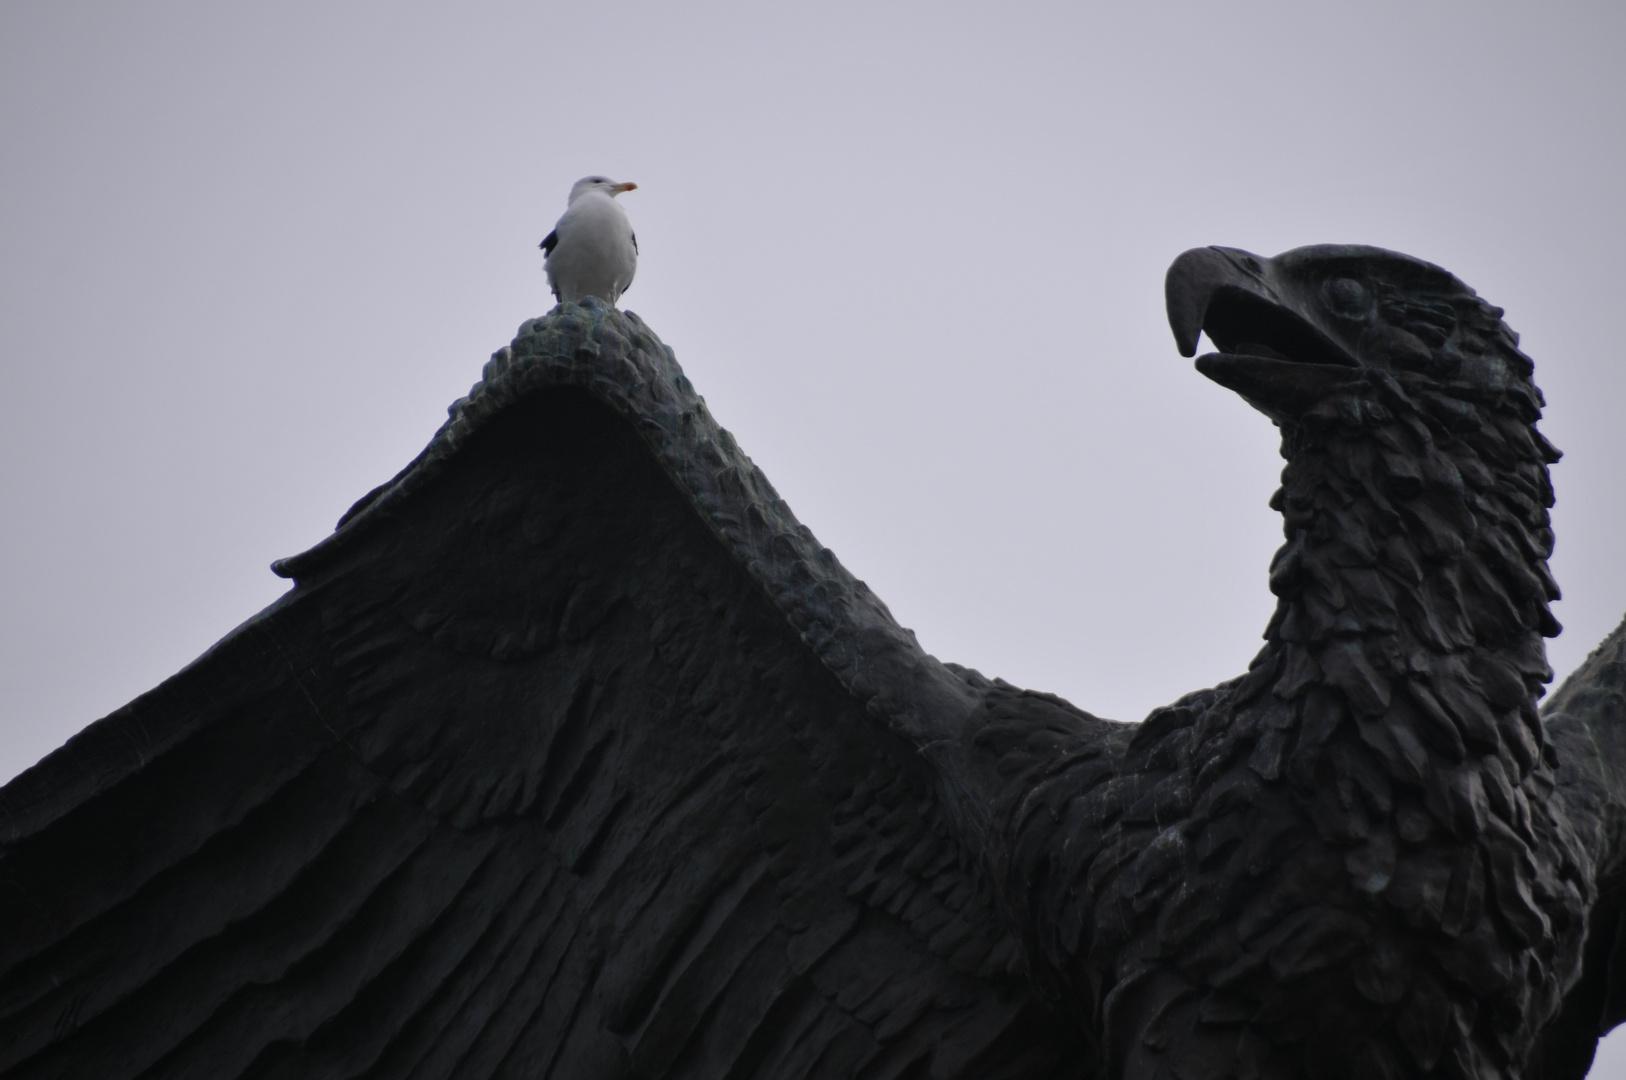 Möwe und Adler